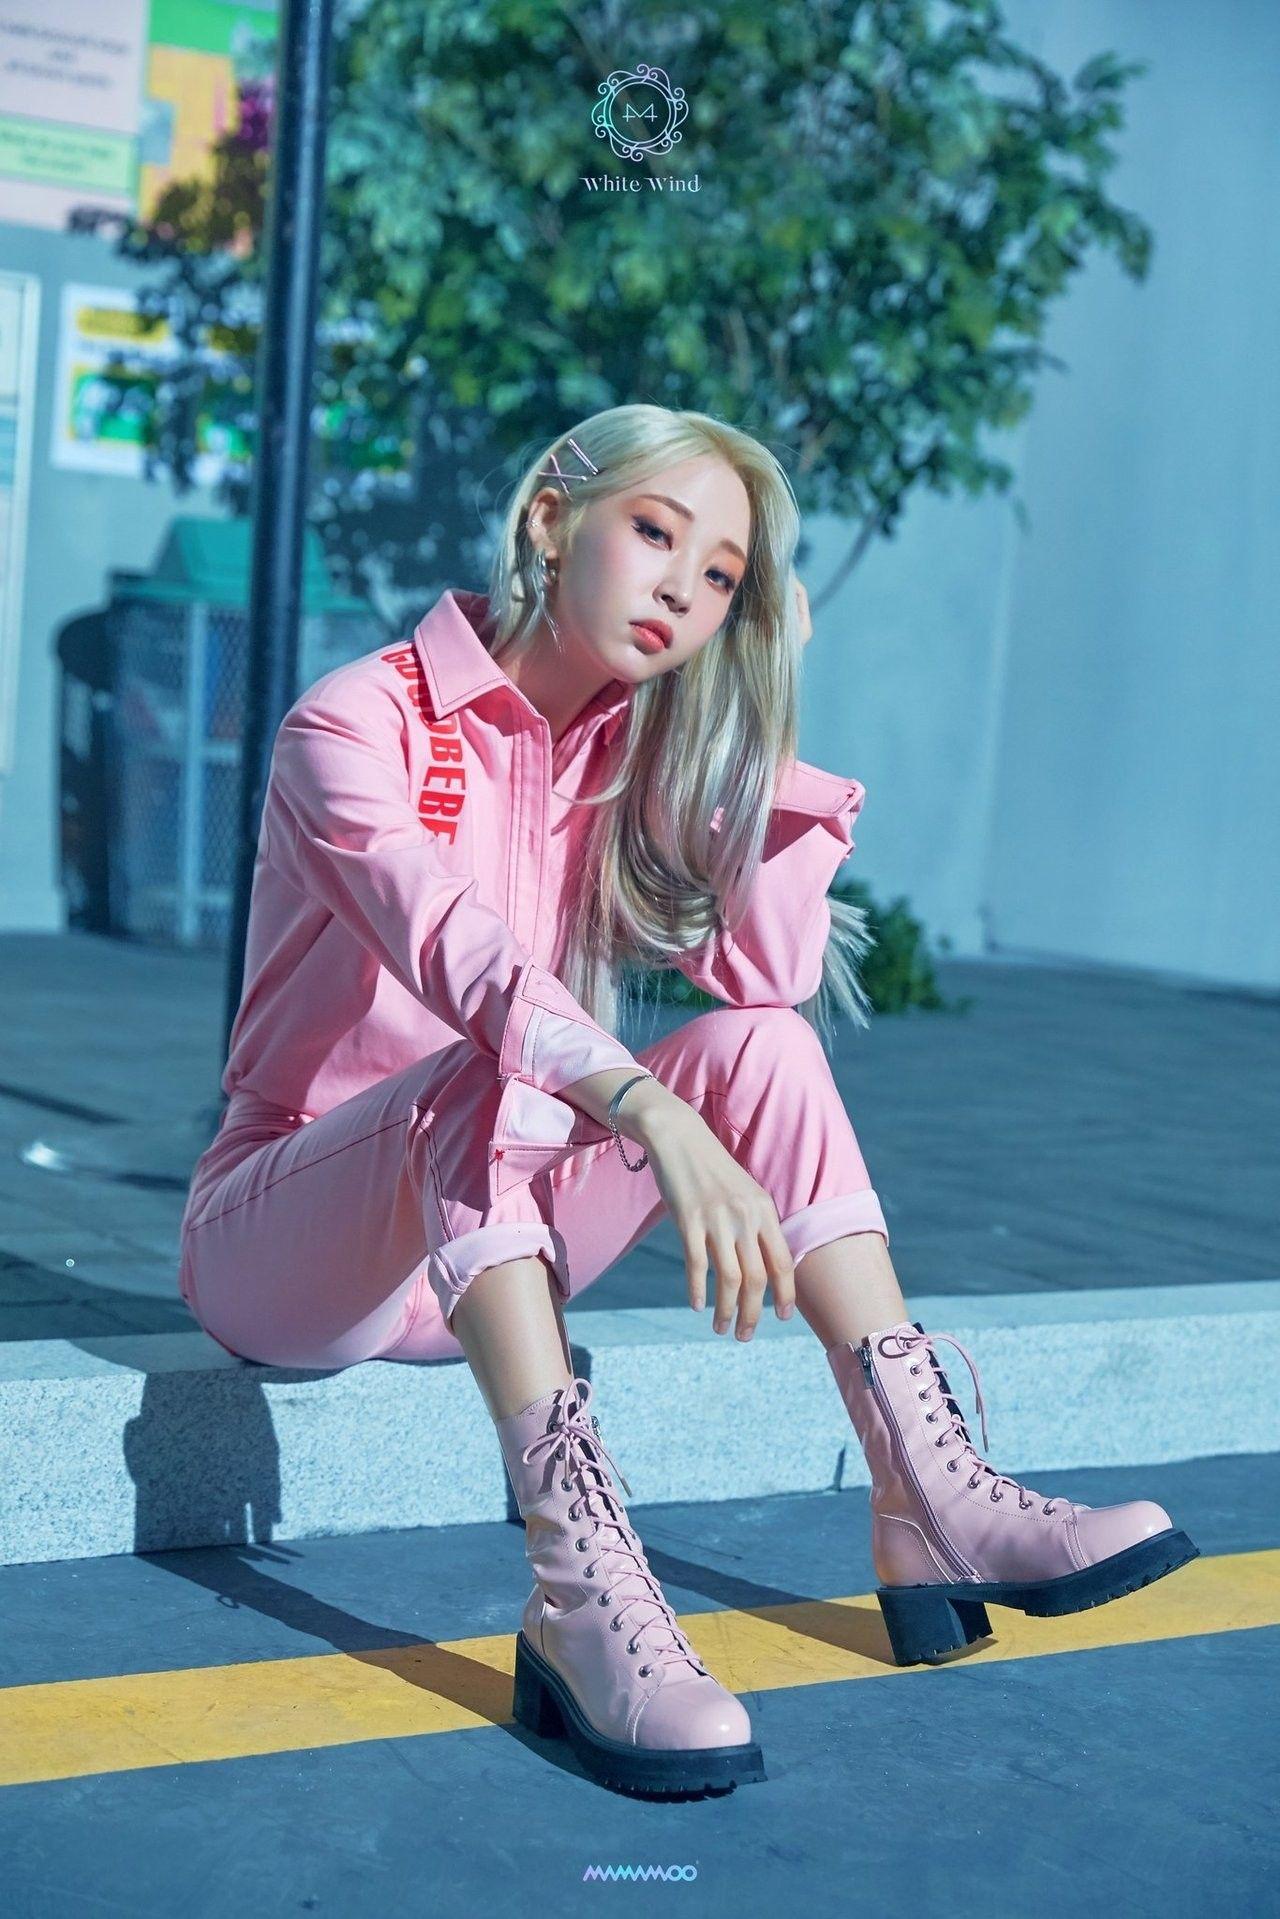 mamamoo_moonbyul_1